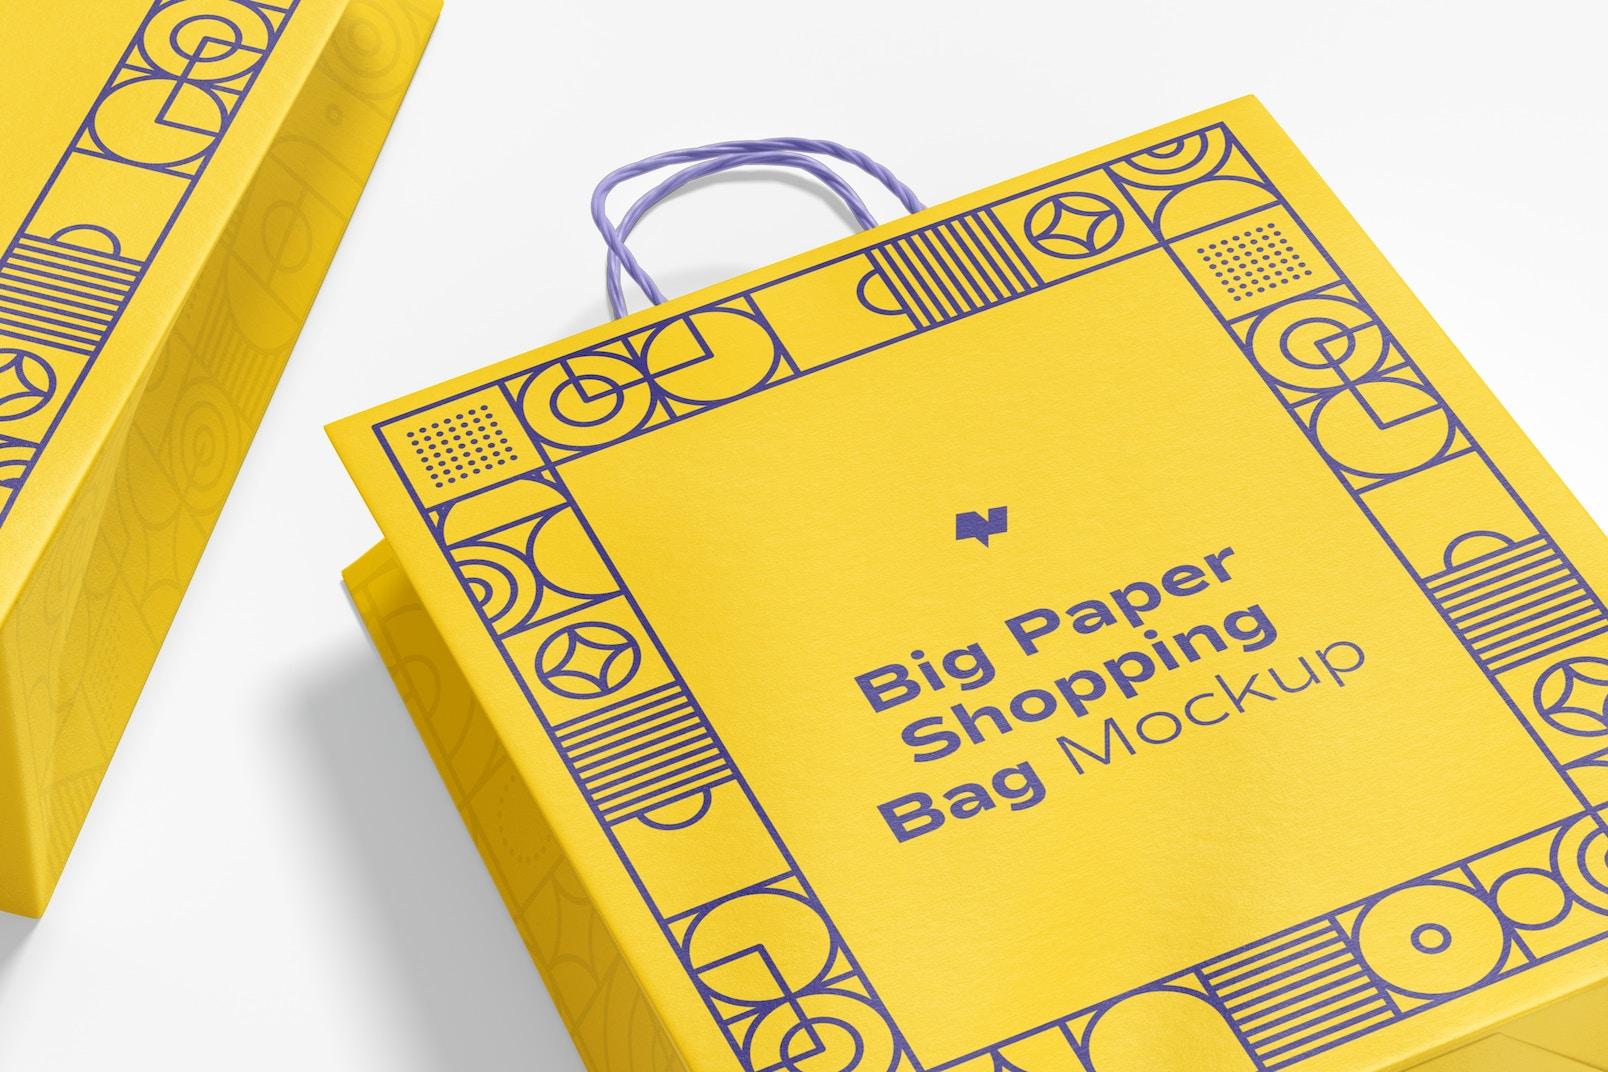 Big Paper Shopping Bags Mockup, Close Up